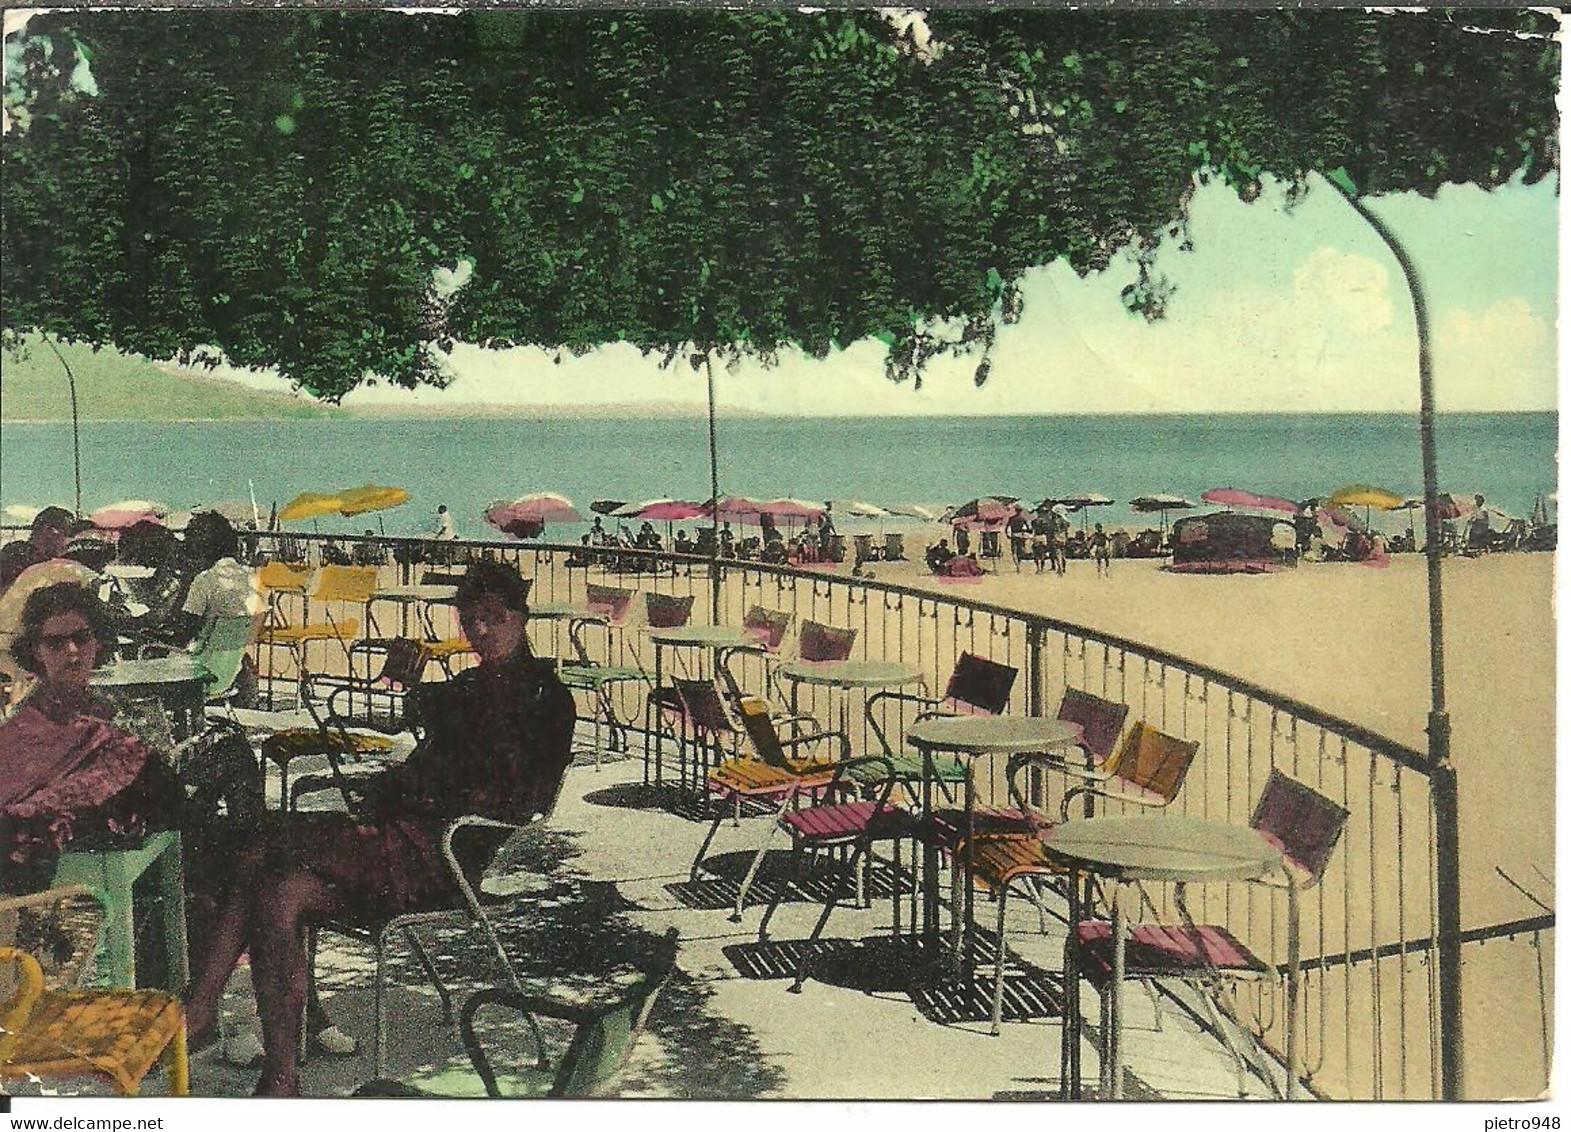 Soverato (Catanzaro) Lido Miramare Visto Dalla Terrazza Del Bar, Miramare Beach - Catanzaro